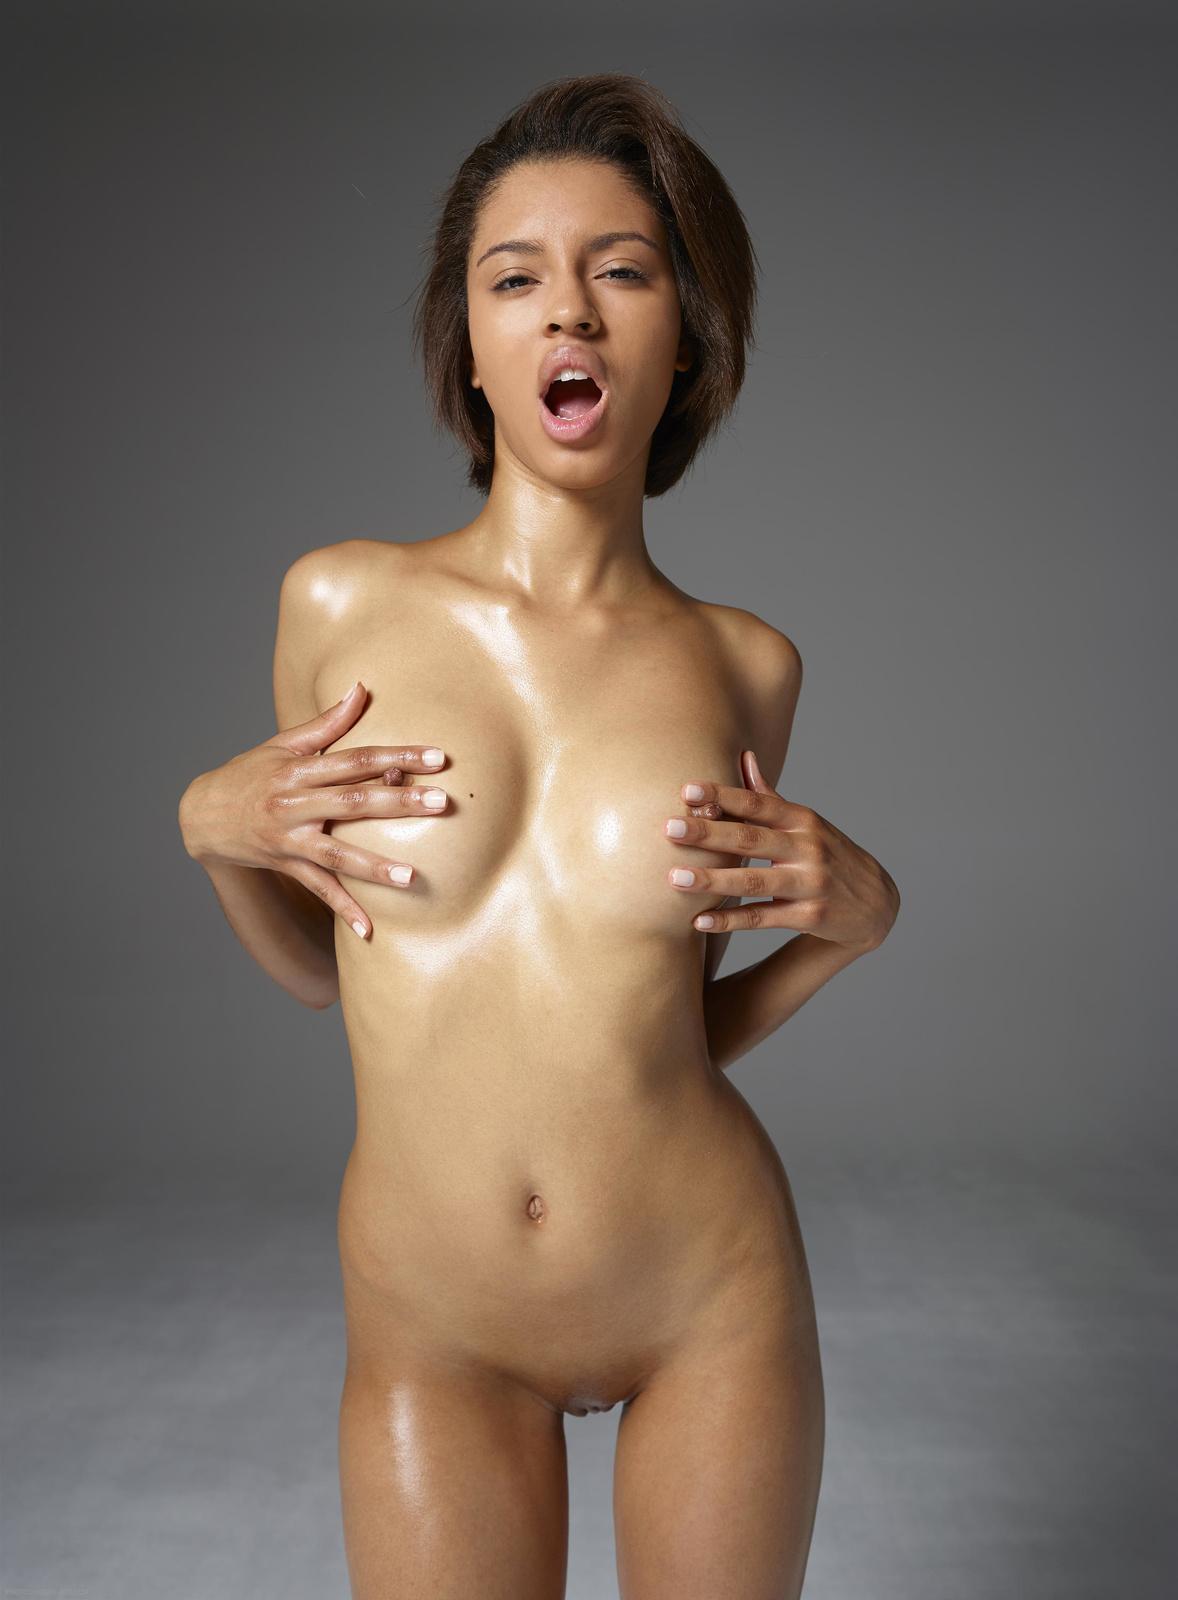 Zdjęcie porno - 0819 - Całuśne usta